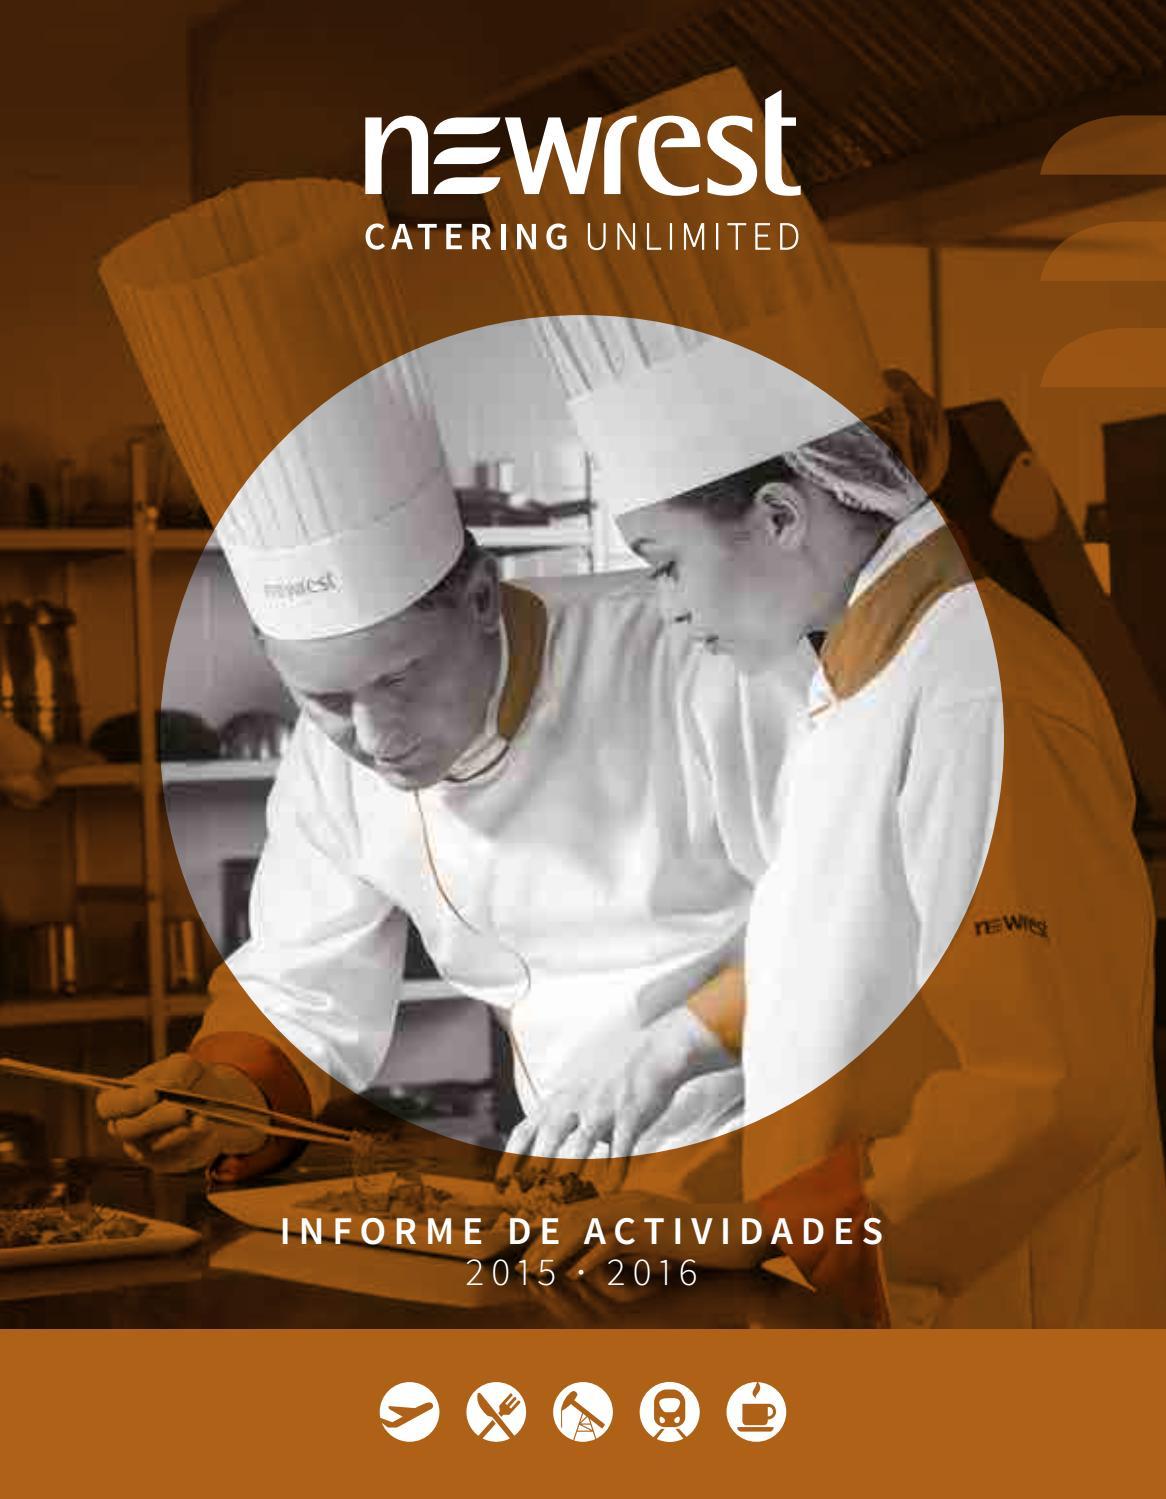 Newrest InformeActividades 2015/16 (ES) by Newrest - issuu